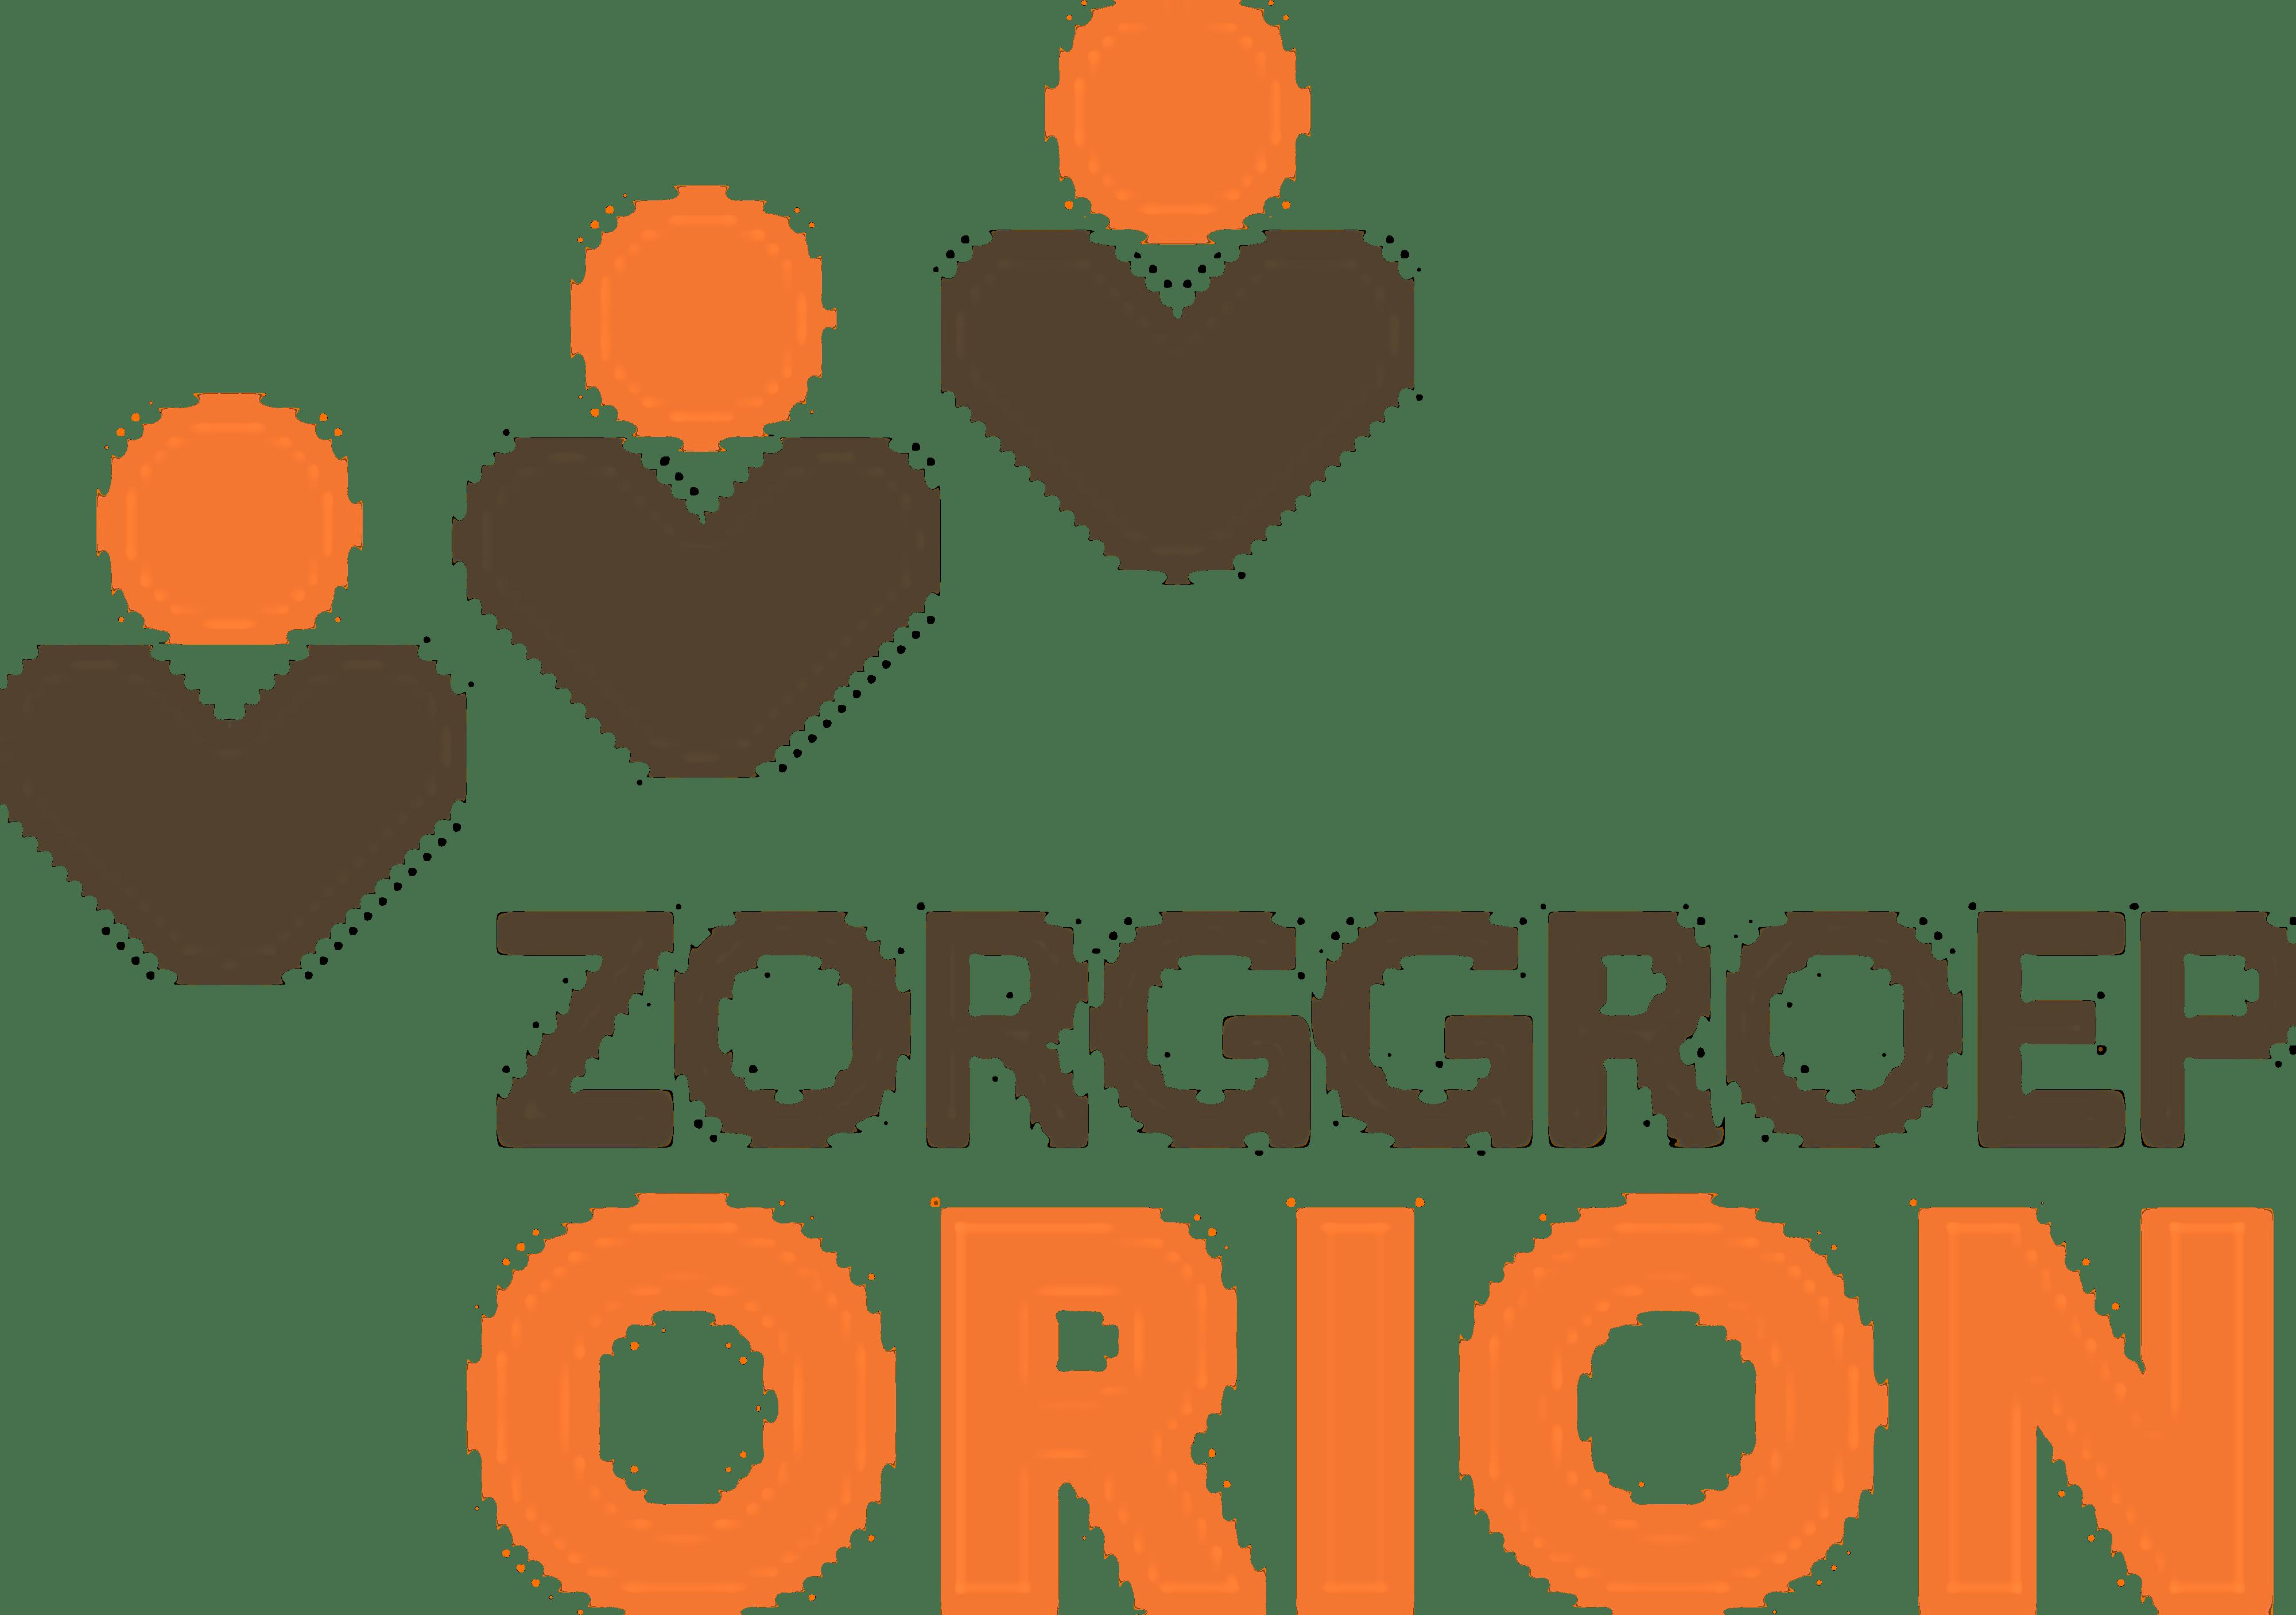 Zorggroep Orion logo